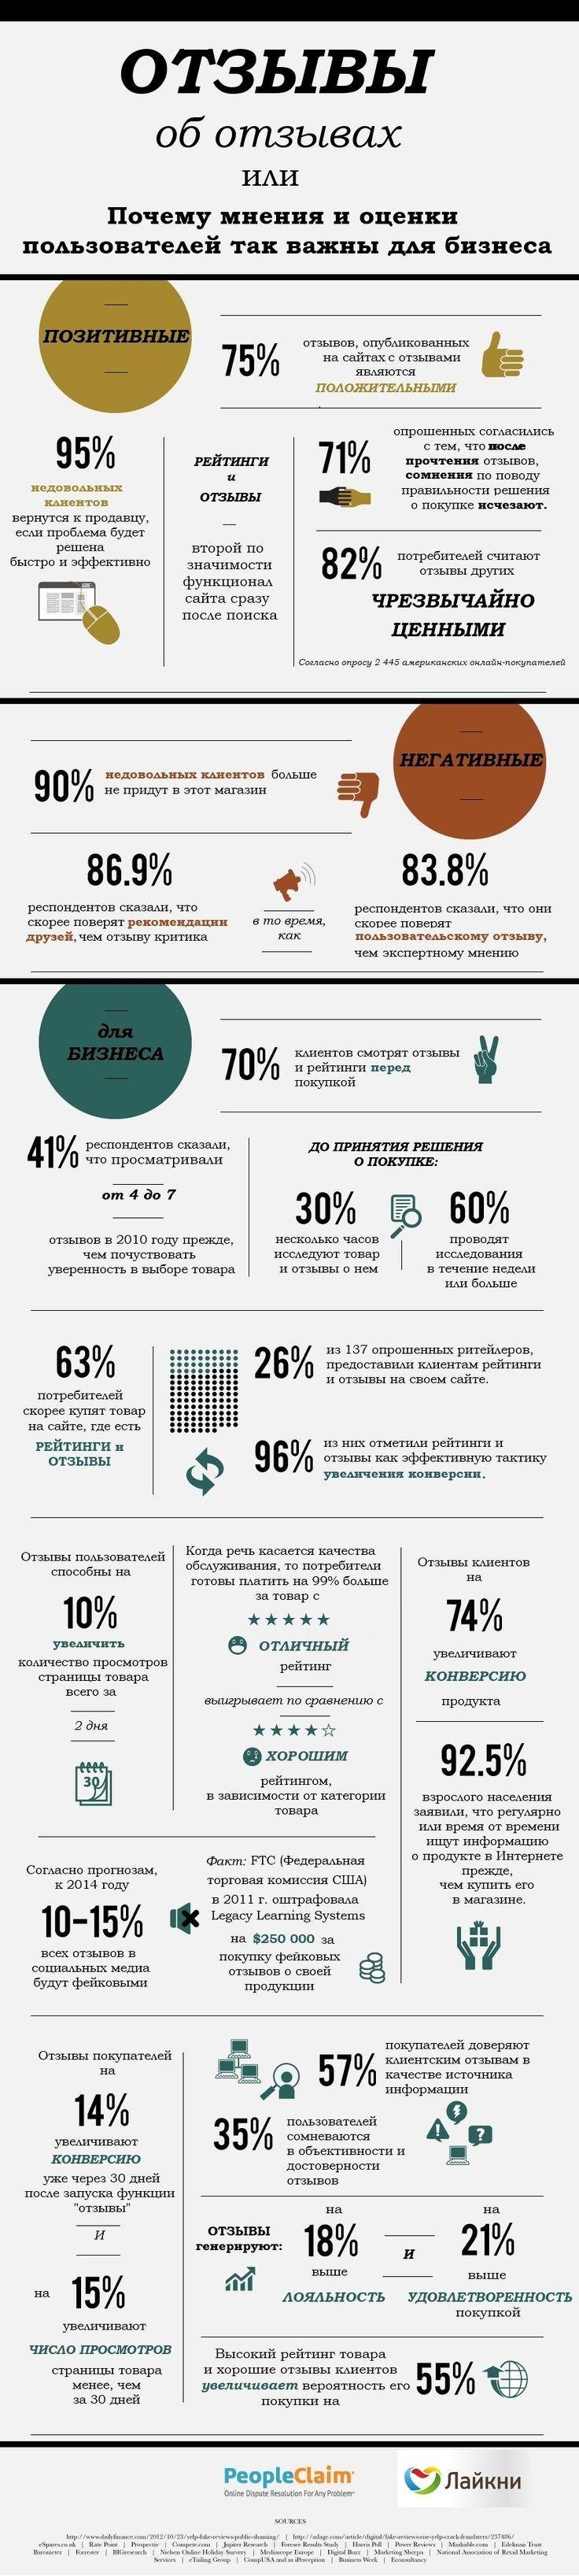 Ваш бизнес зависим от отзывов Потребителей? Зачем они вам и как стимульнуть ваших Потребителей написать их?